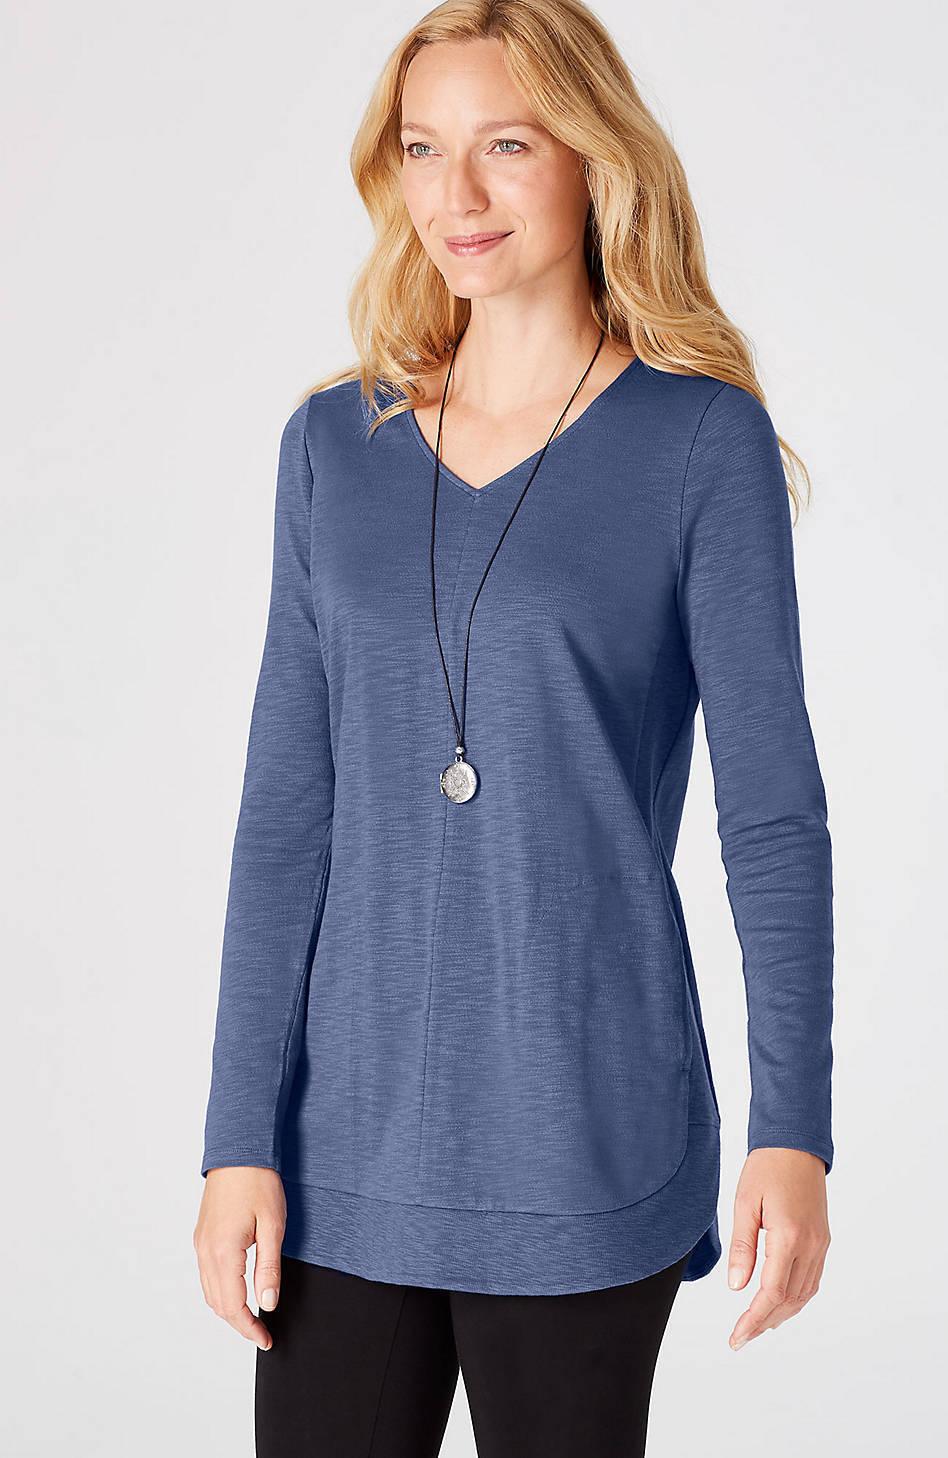 J. Jill - Super Comfortable Imperial Blau Knit Shirttail Tunic, M may fit L  NWT